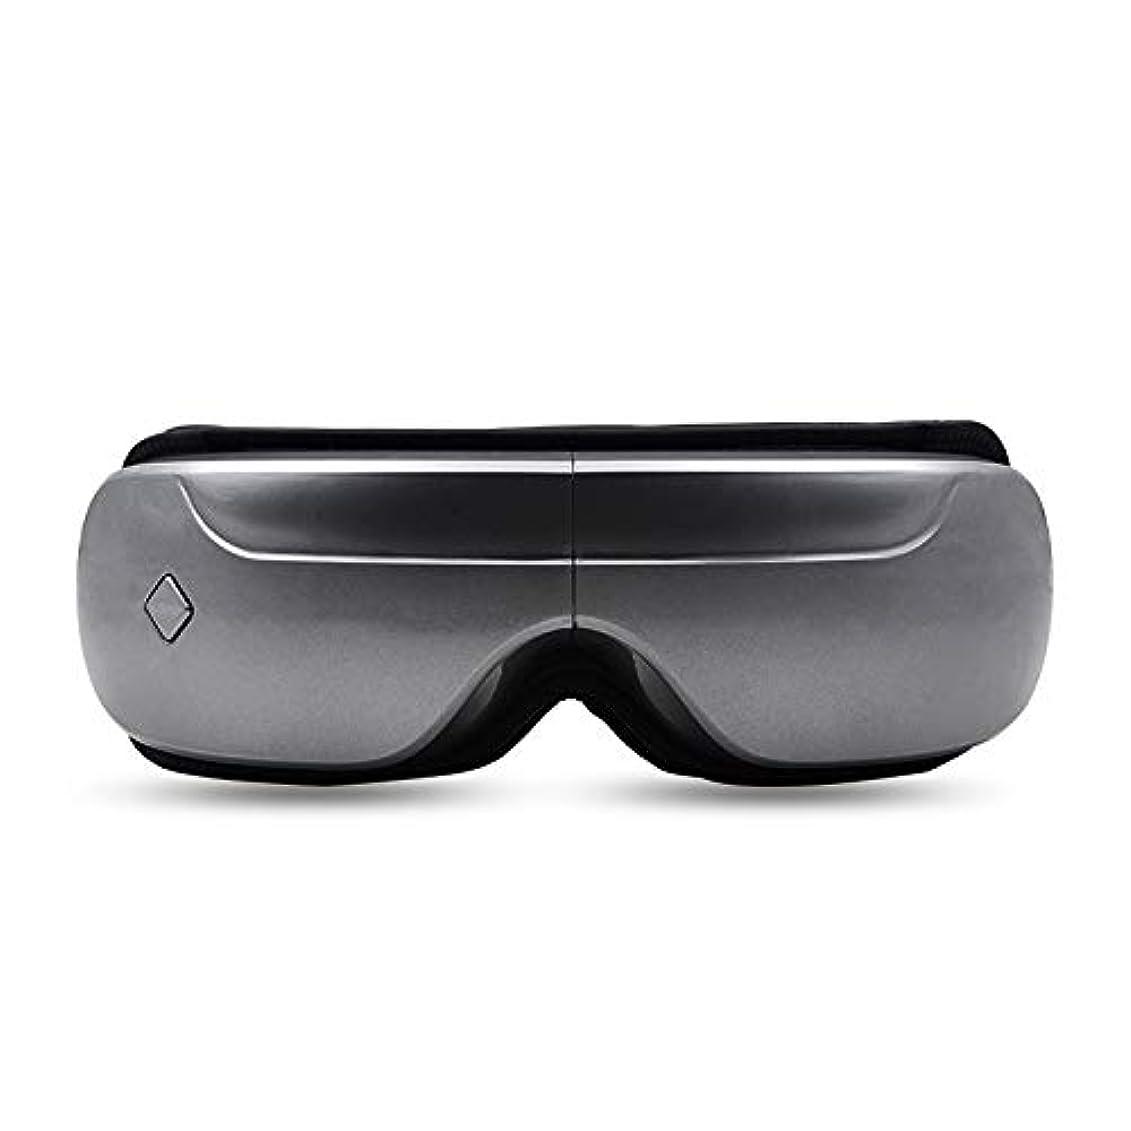 メーター周囲前投薬ワイヤレスアイマッサージャーなだめるような疲れ目を保護する器具で、近方視力のアイマッサージャーを改善する,Gray